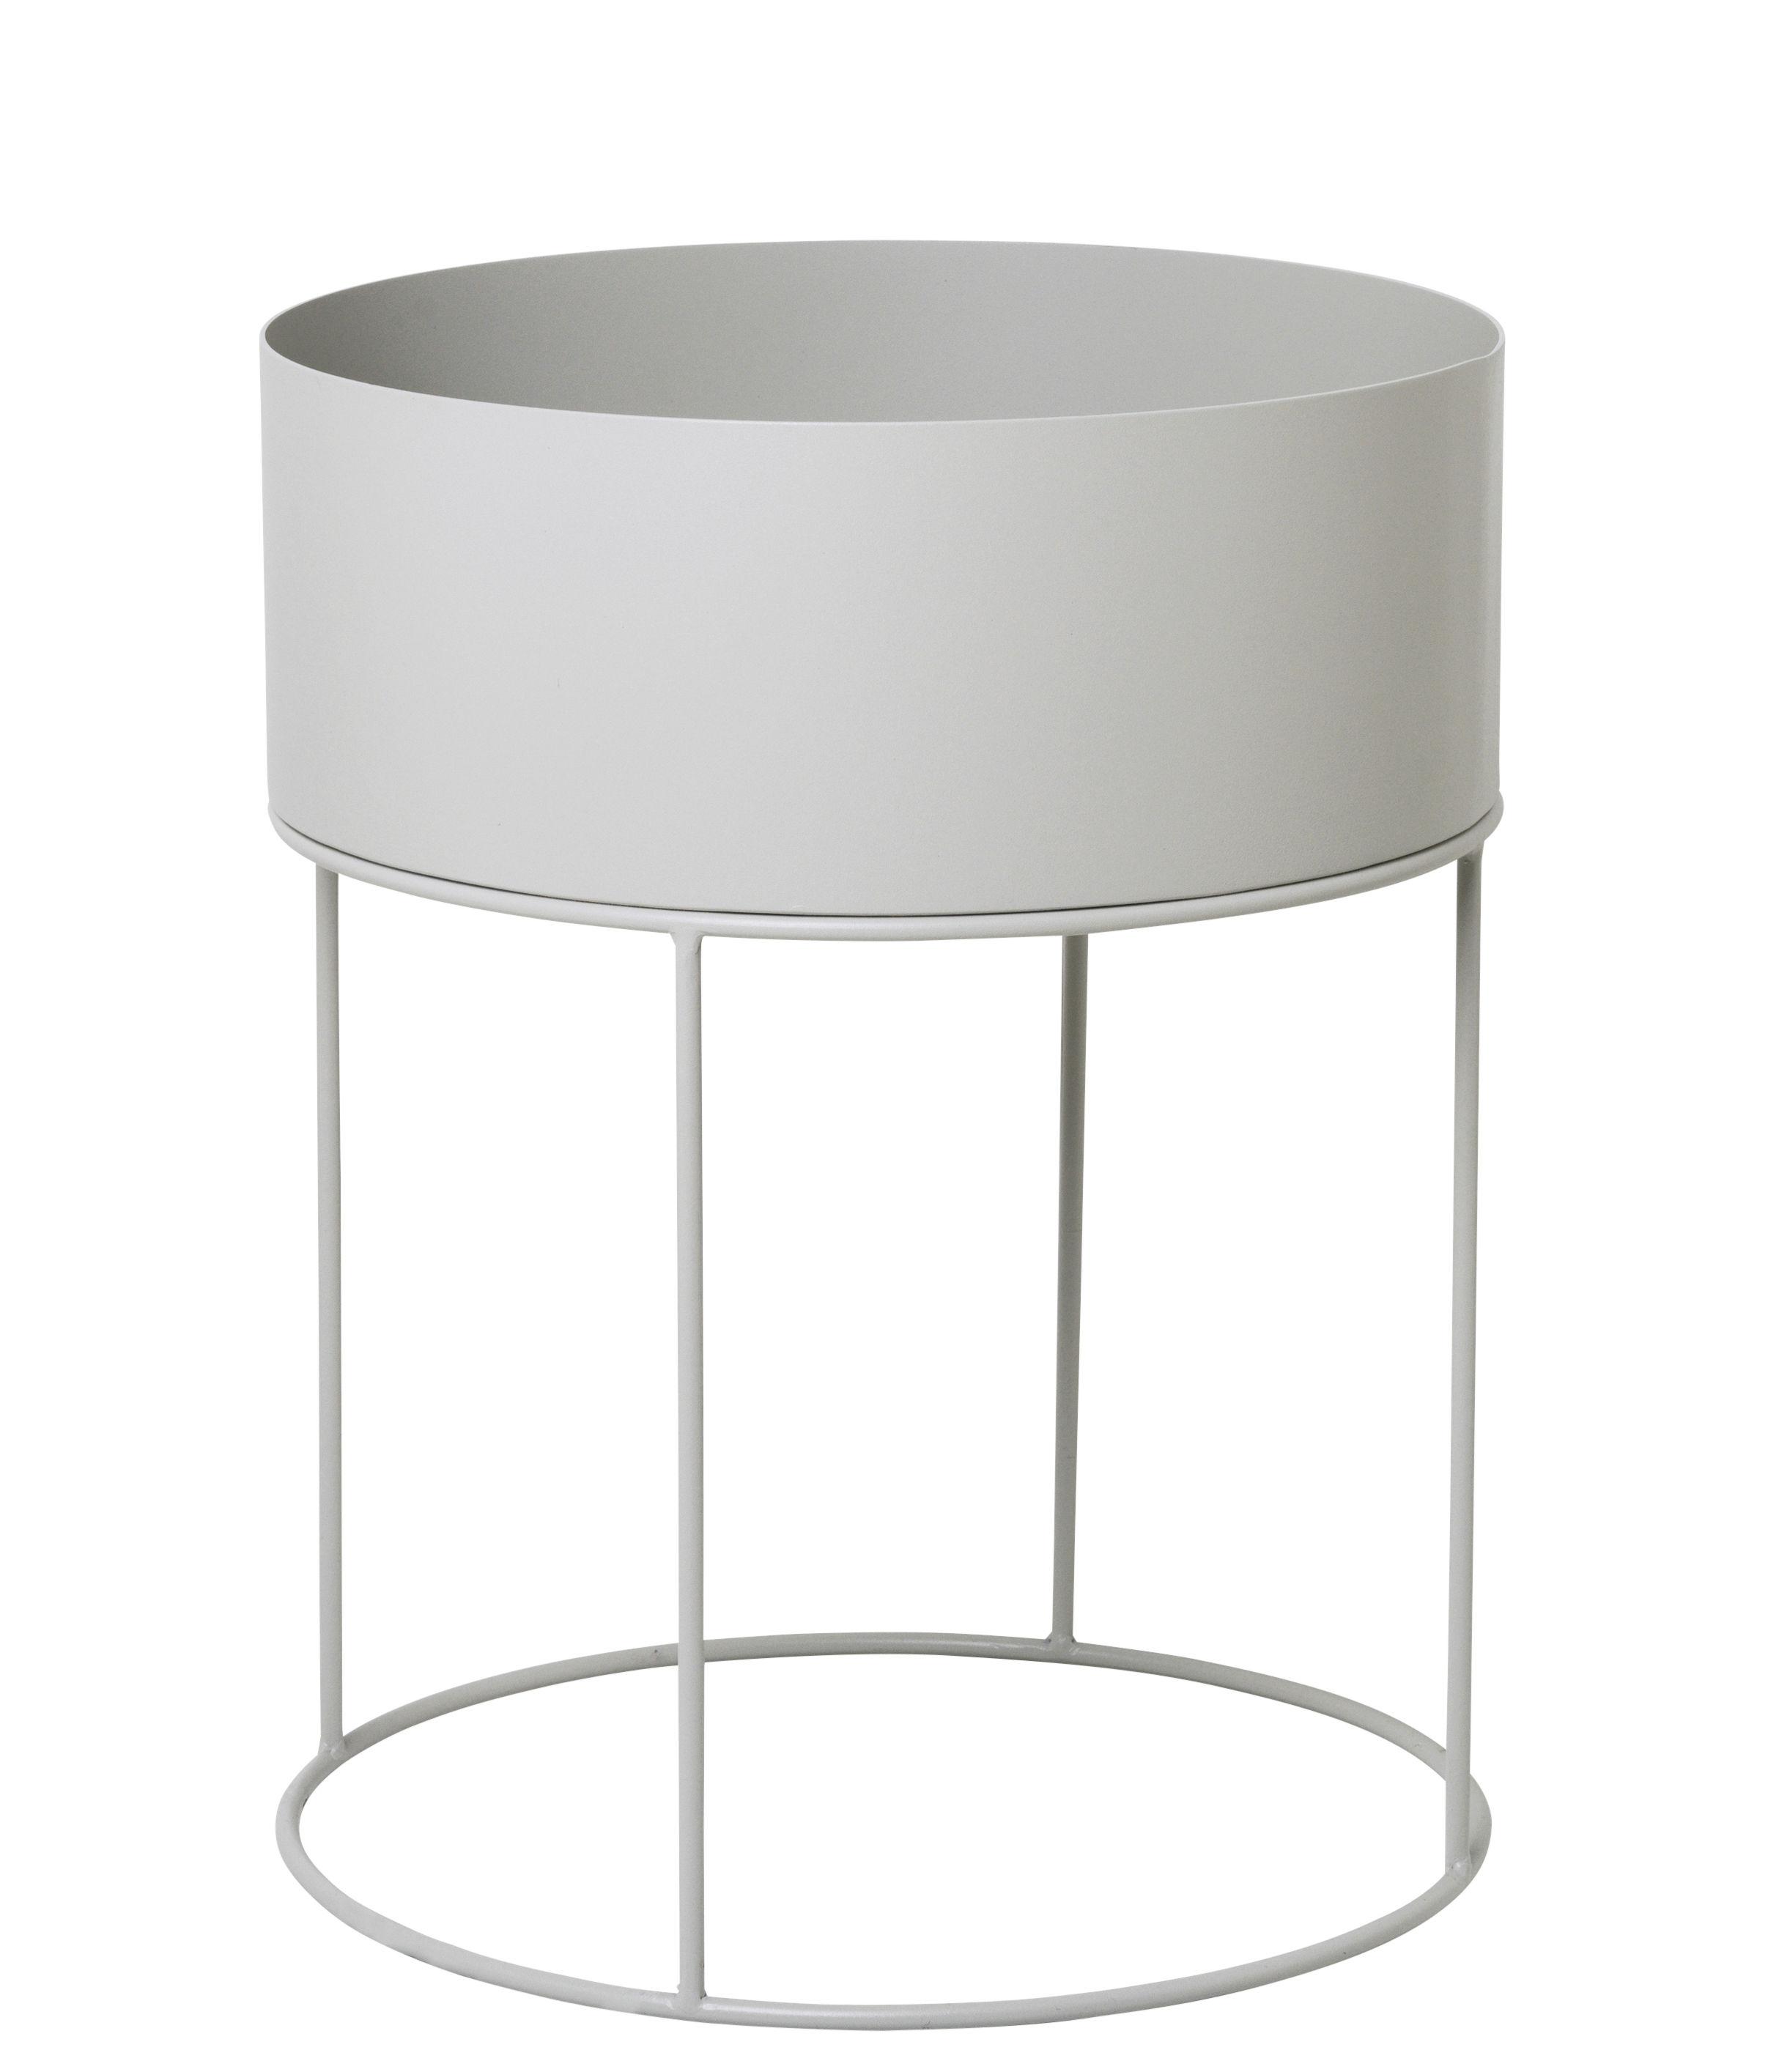 Interni - Vasi e Piante - Fioriera Plant Box Round - / Ø 40 x H 50 cm di Ferm Living - Grigio chiaro - Metallo rivestito in resina epossidica